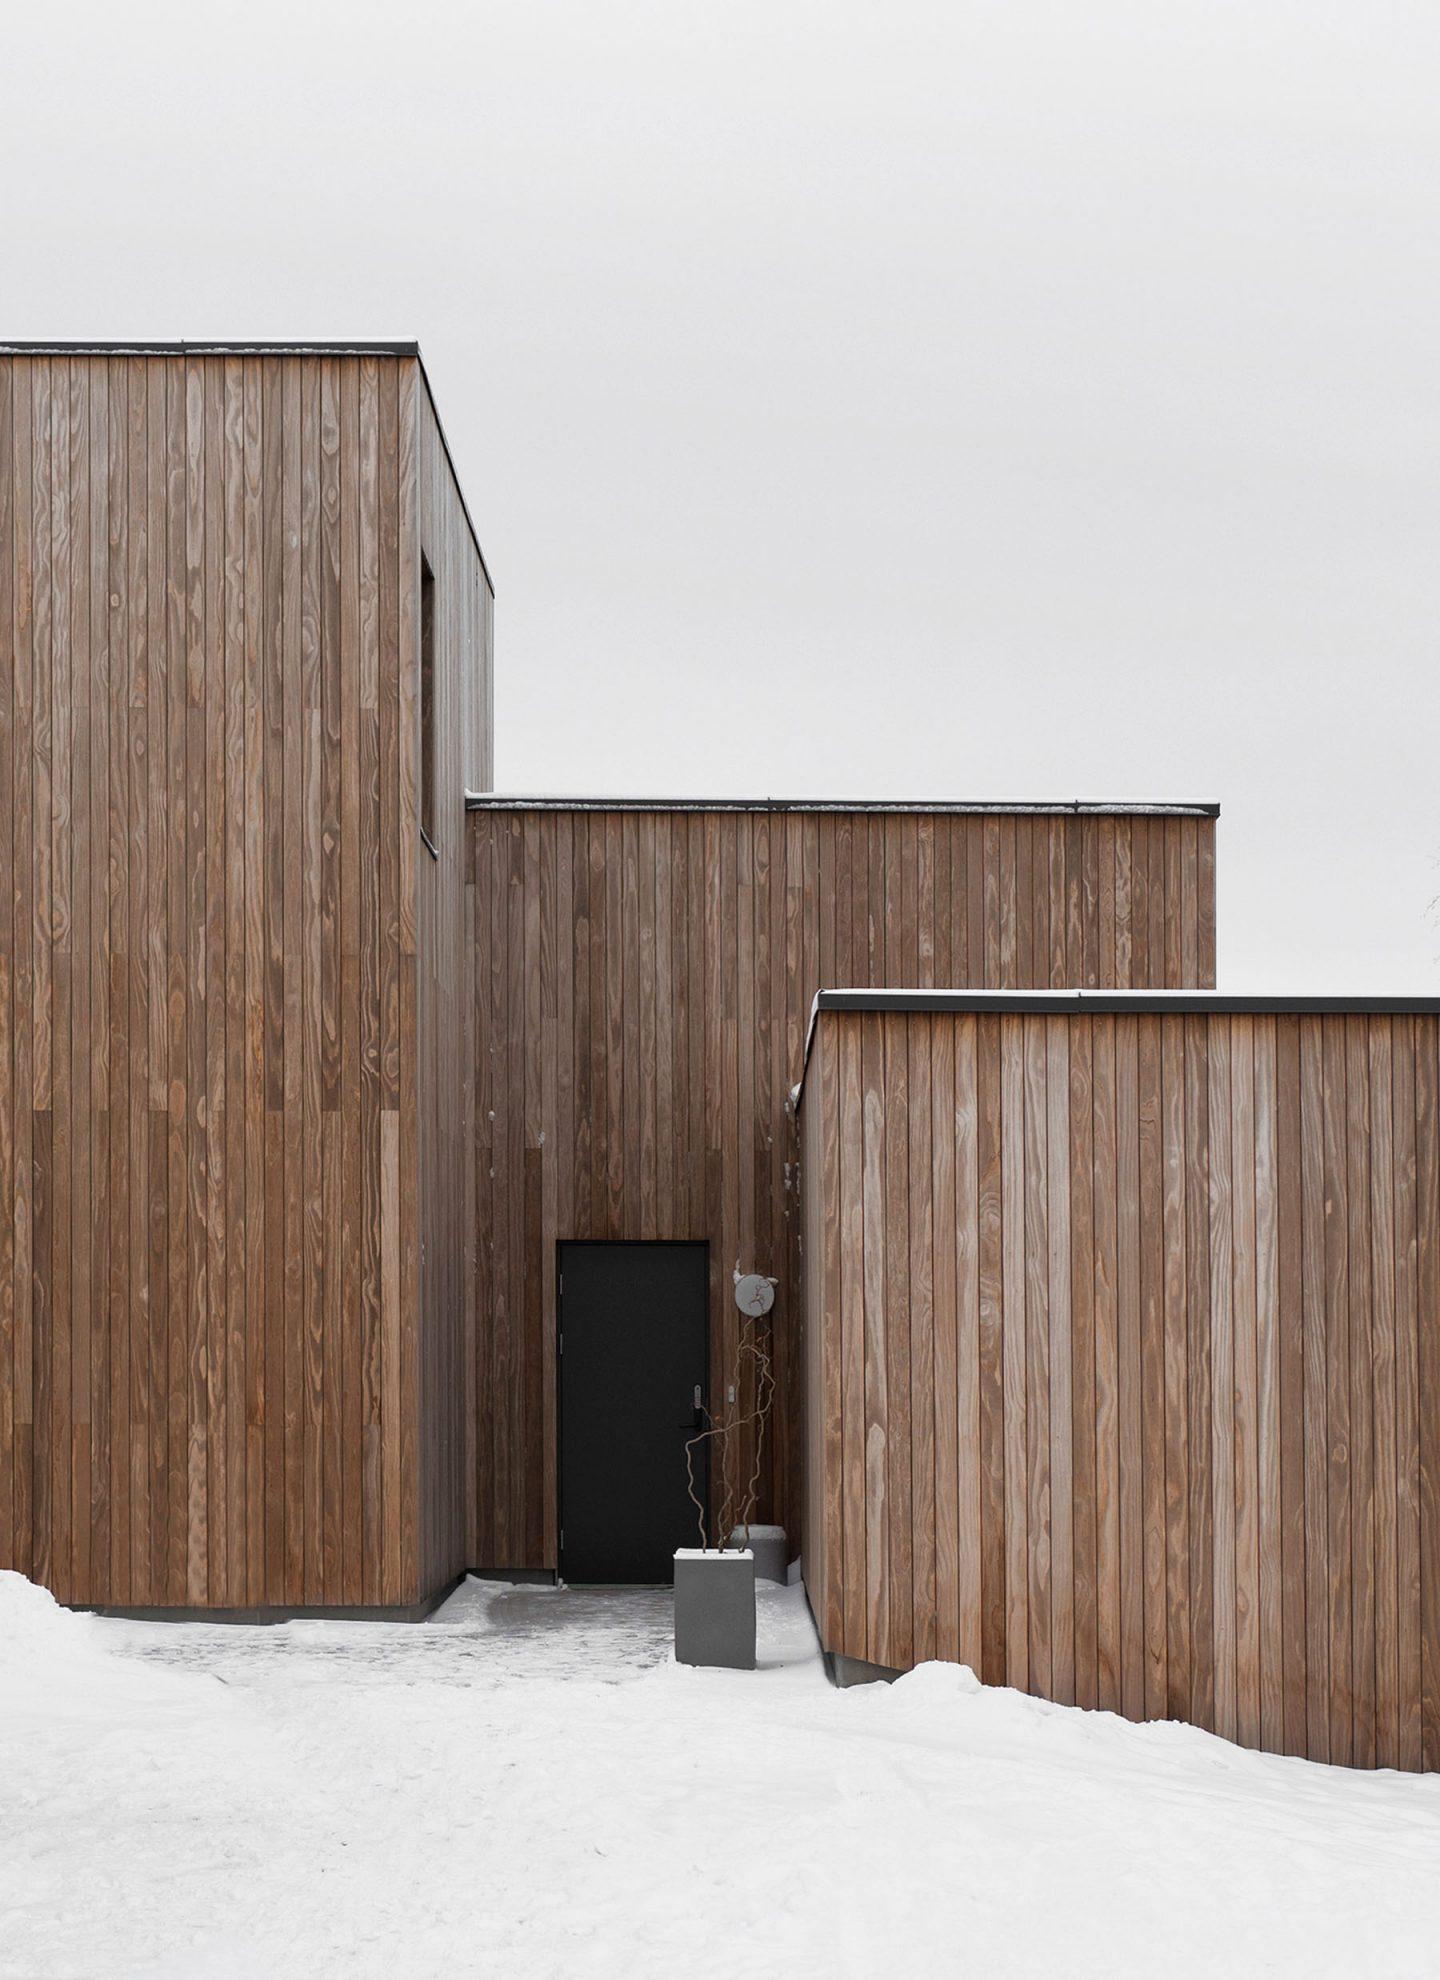 iGNANT-Architecture-Norm-Architects-Gjovik-House-12